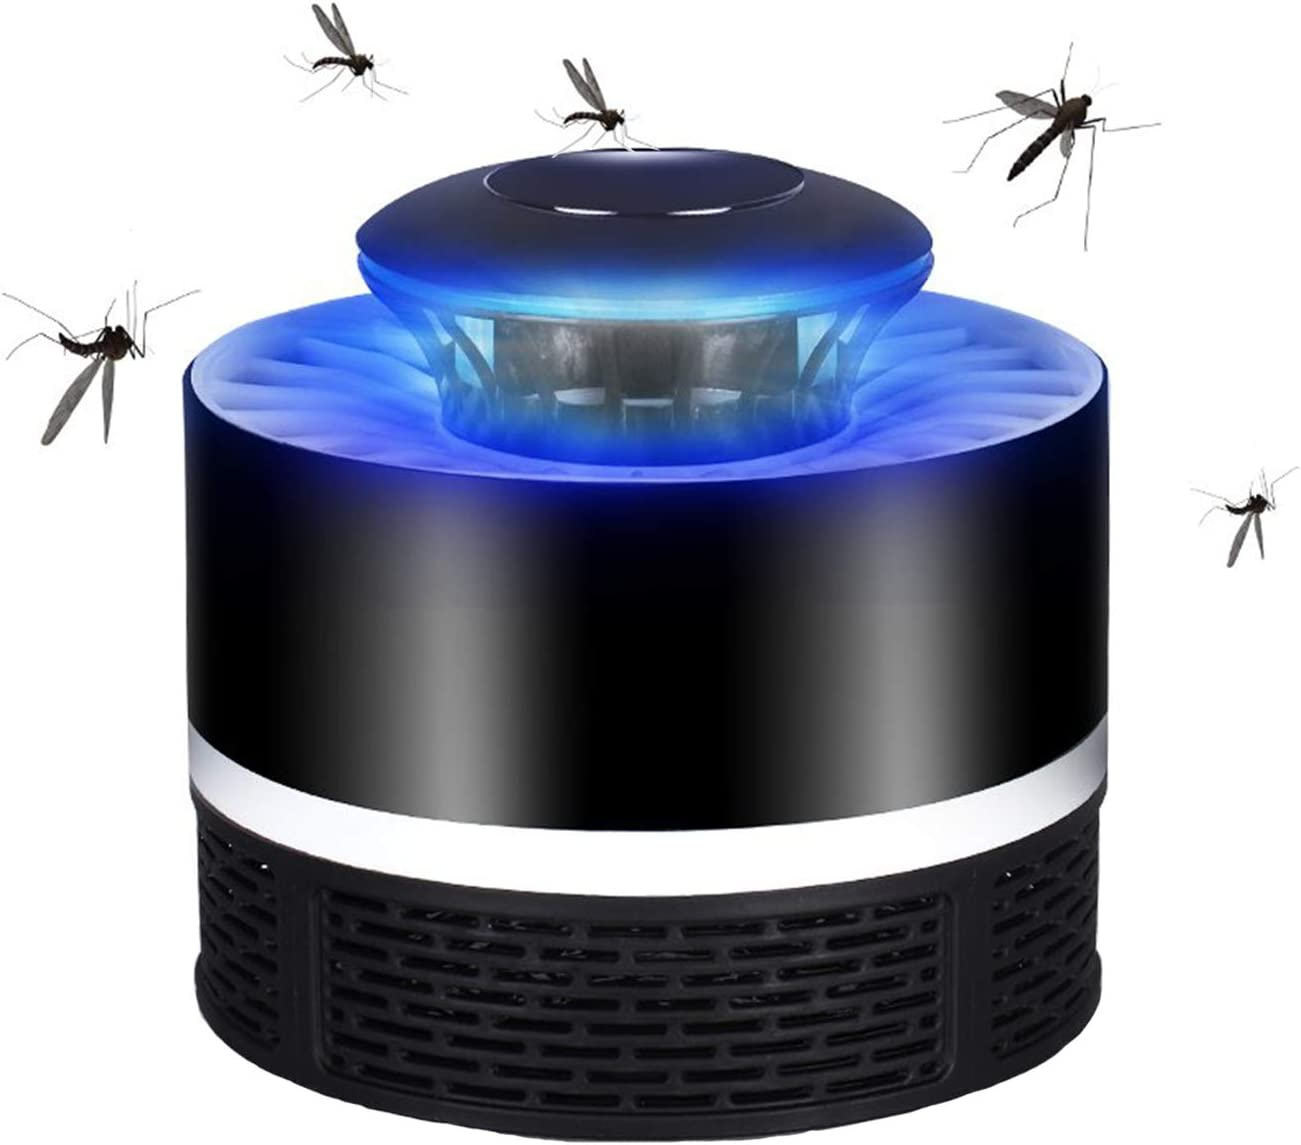 Lampes Anti-Moustiques Veilleuse Piège Tueur D/'Insecte Insecte Vol Moustiqu W3T5